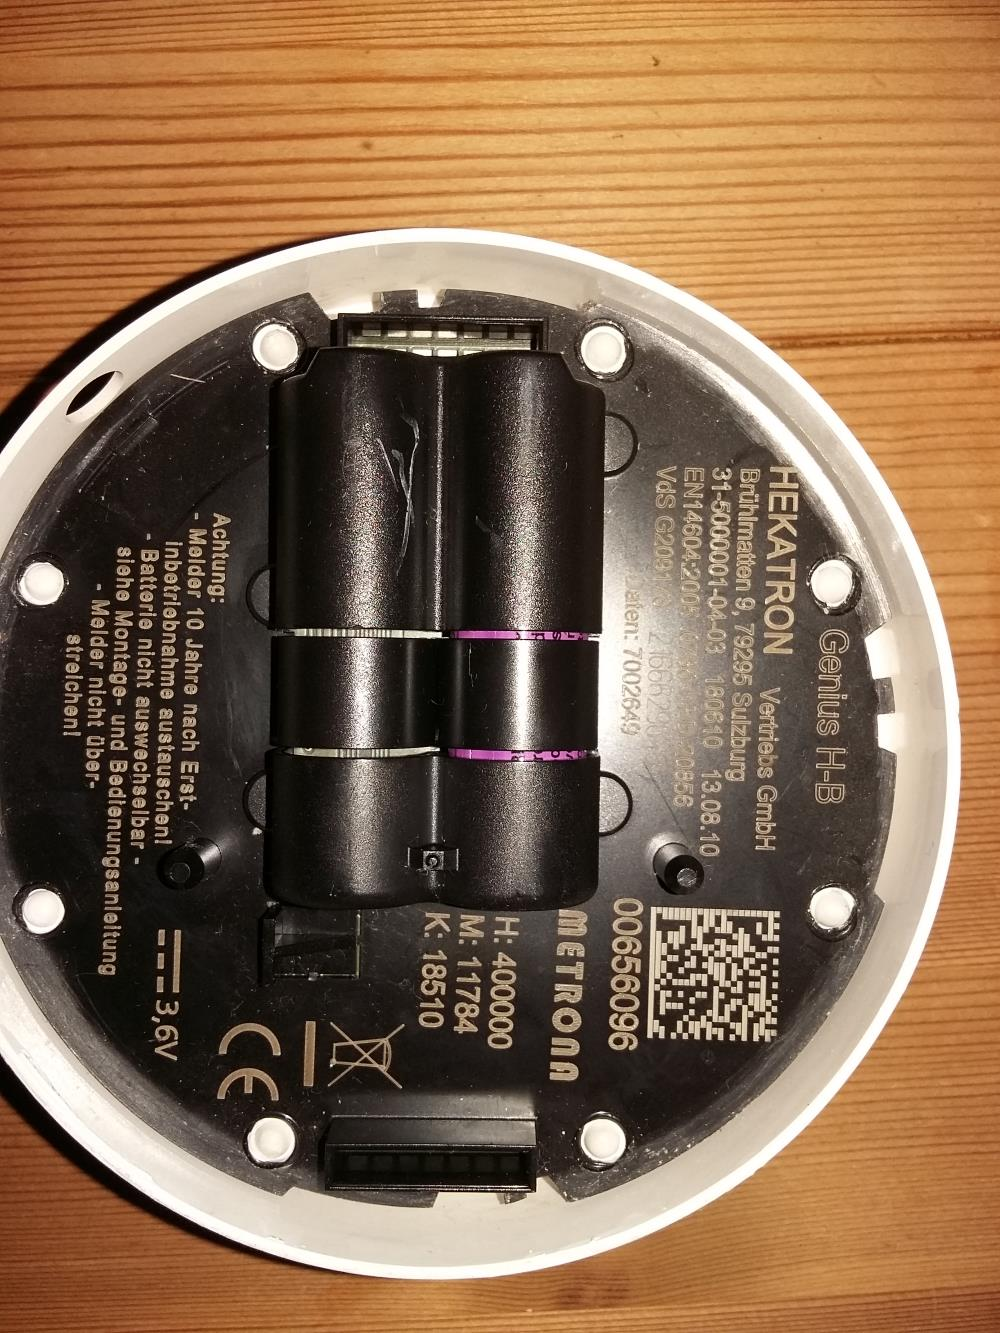 rauchmelder geht nicht mehr und batterien nicht auswechselbar kaputt technik. Black Bedroom Furniture Sets. Home Design Ideas